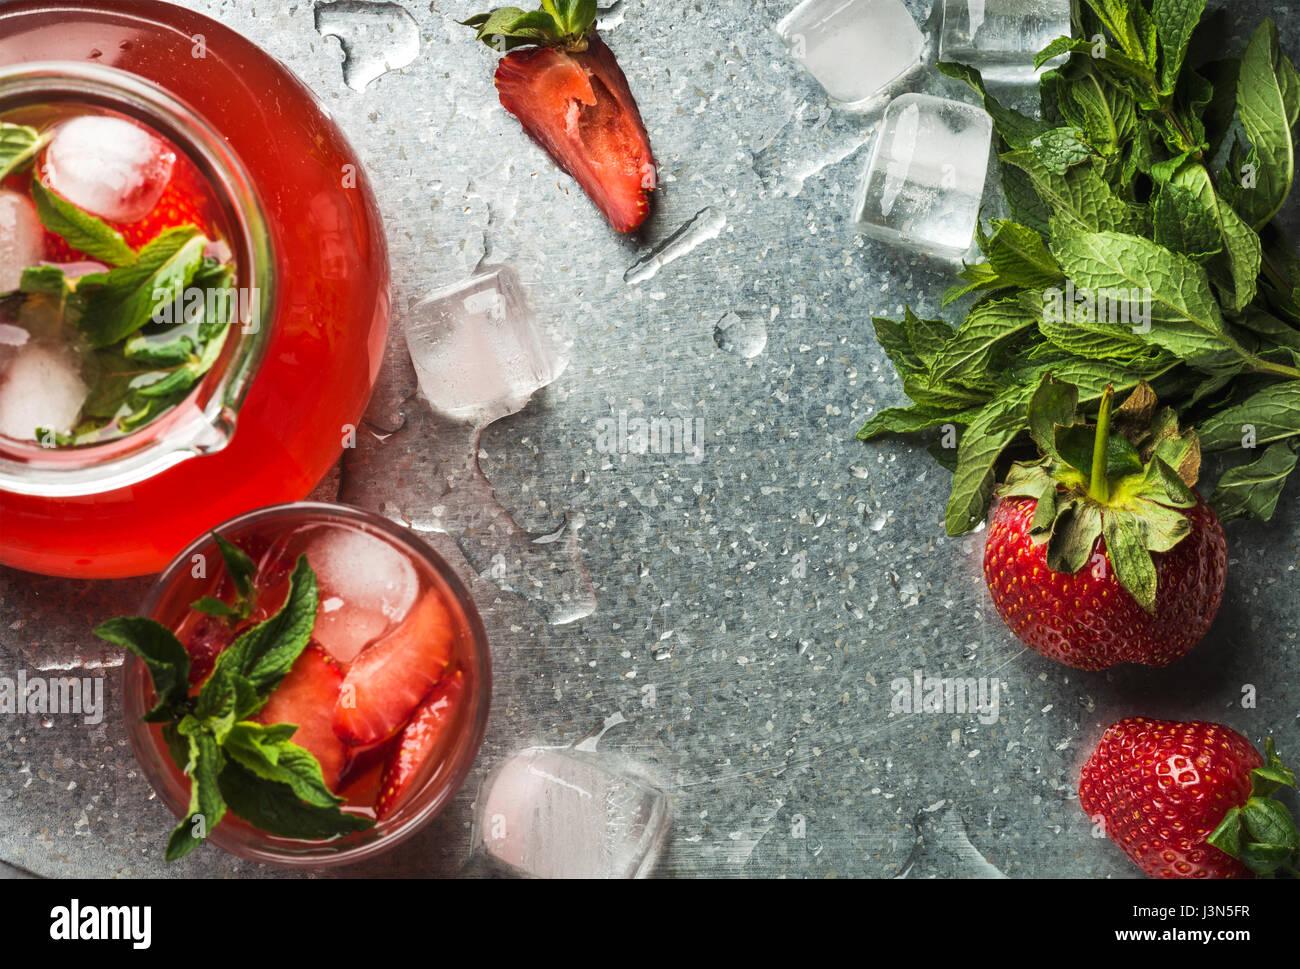 Fresa caseros limonada con menta, hielo y bayas frescas sobre la bandeja de metal de fondo, vista superior, espacio Imagen De Stock